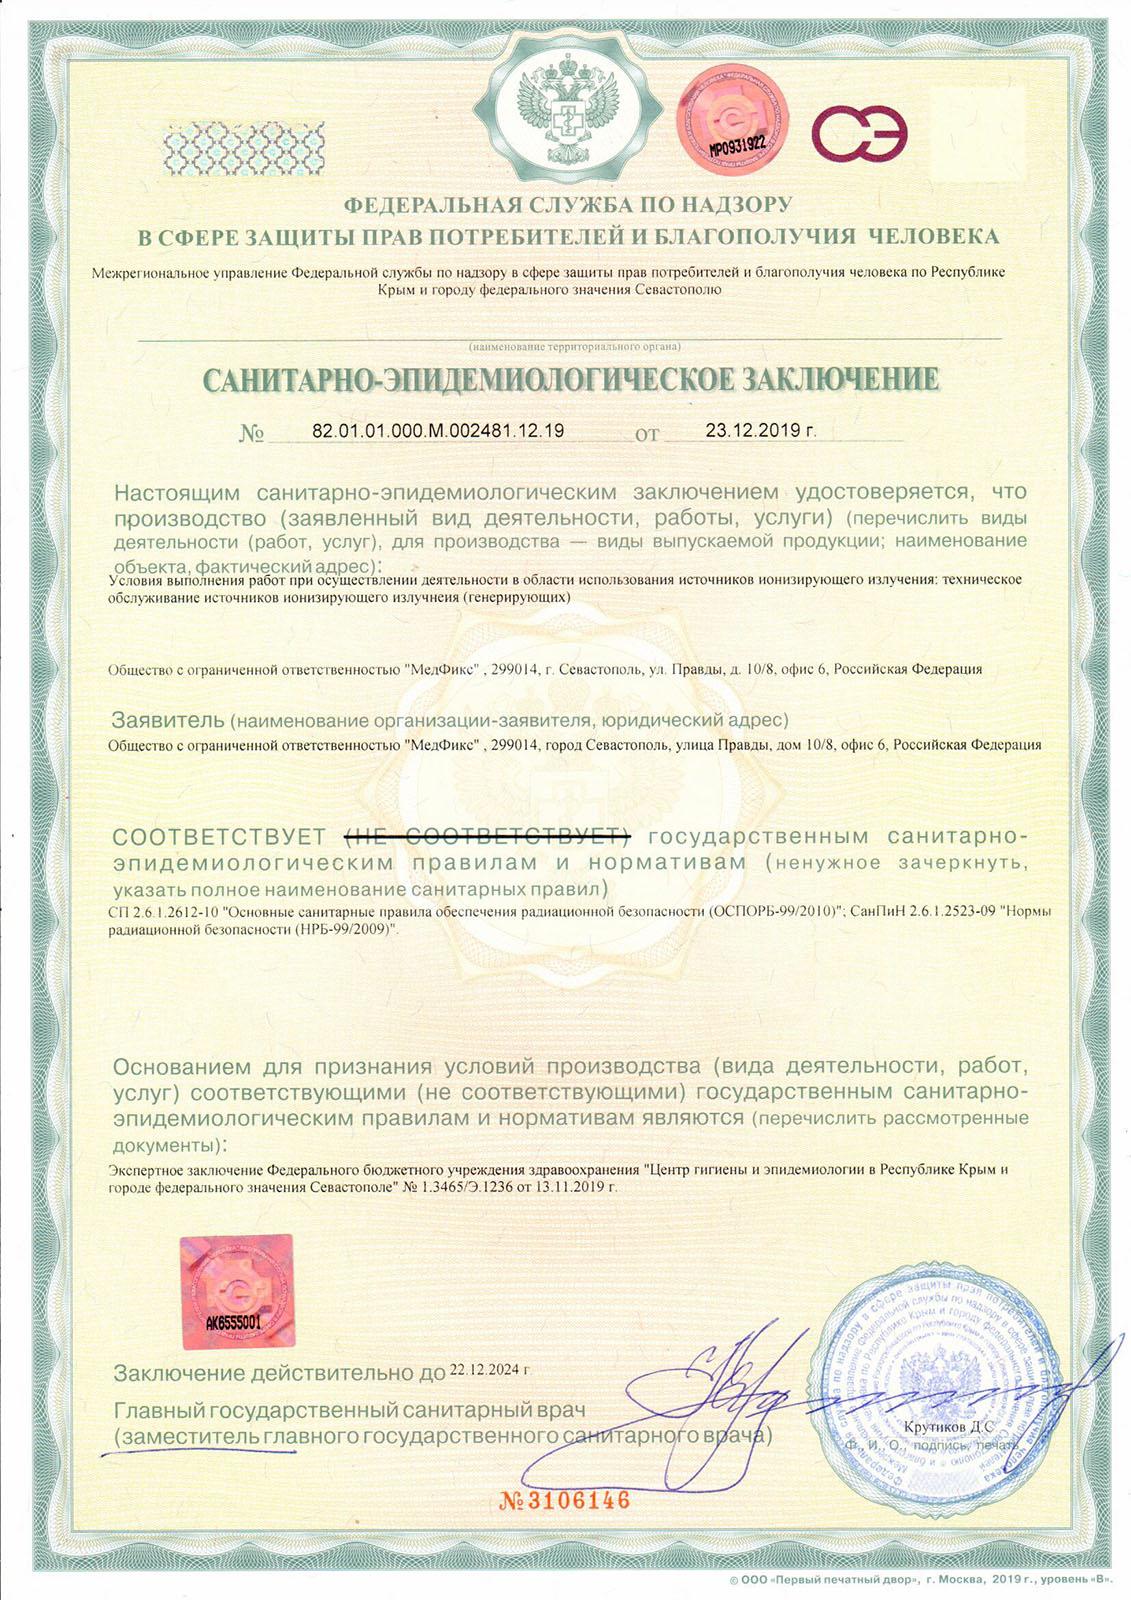 sertifikaty-zaklyucheniya - Sanitarno-epidemiologicheskoe-zaklyuchenie-23.12.2019